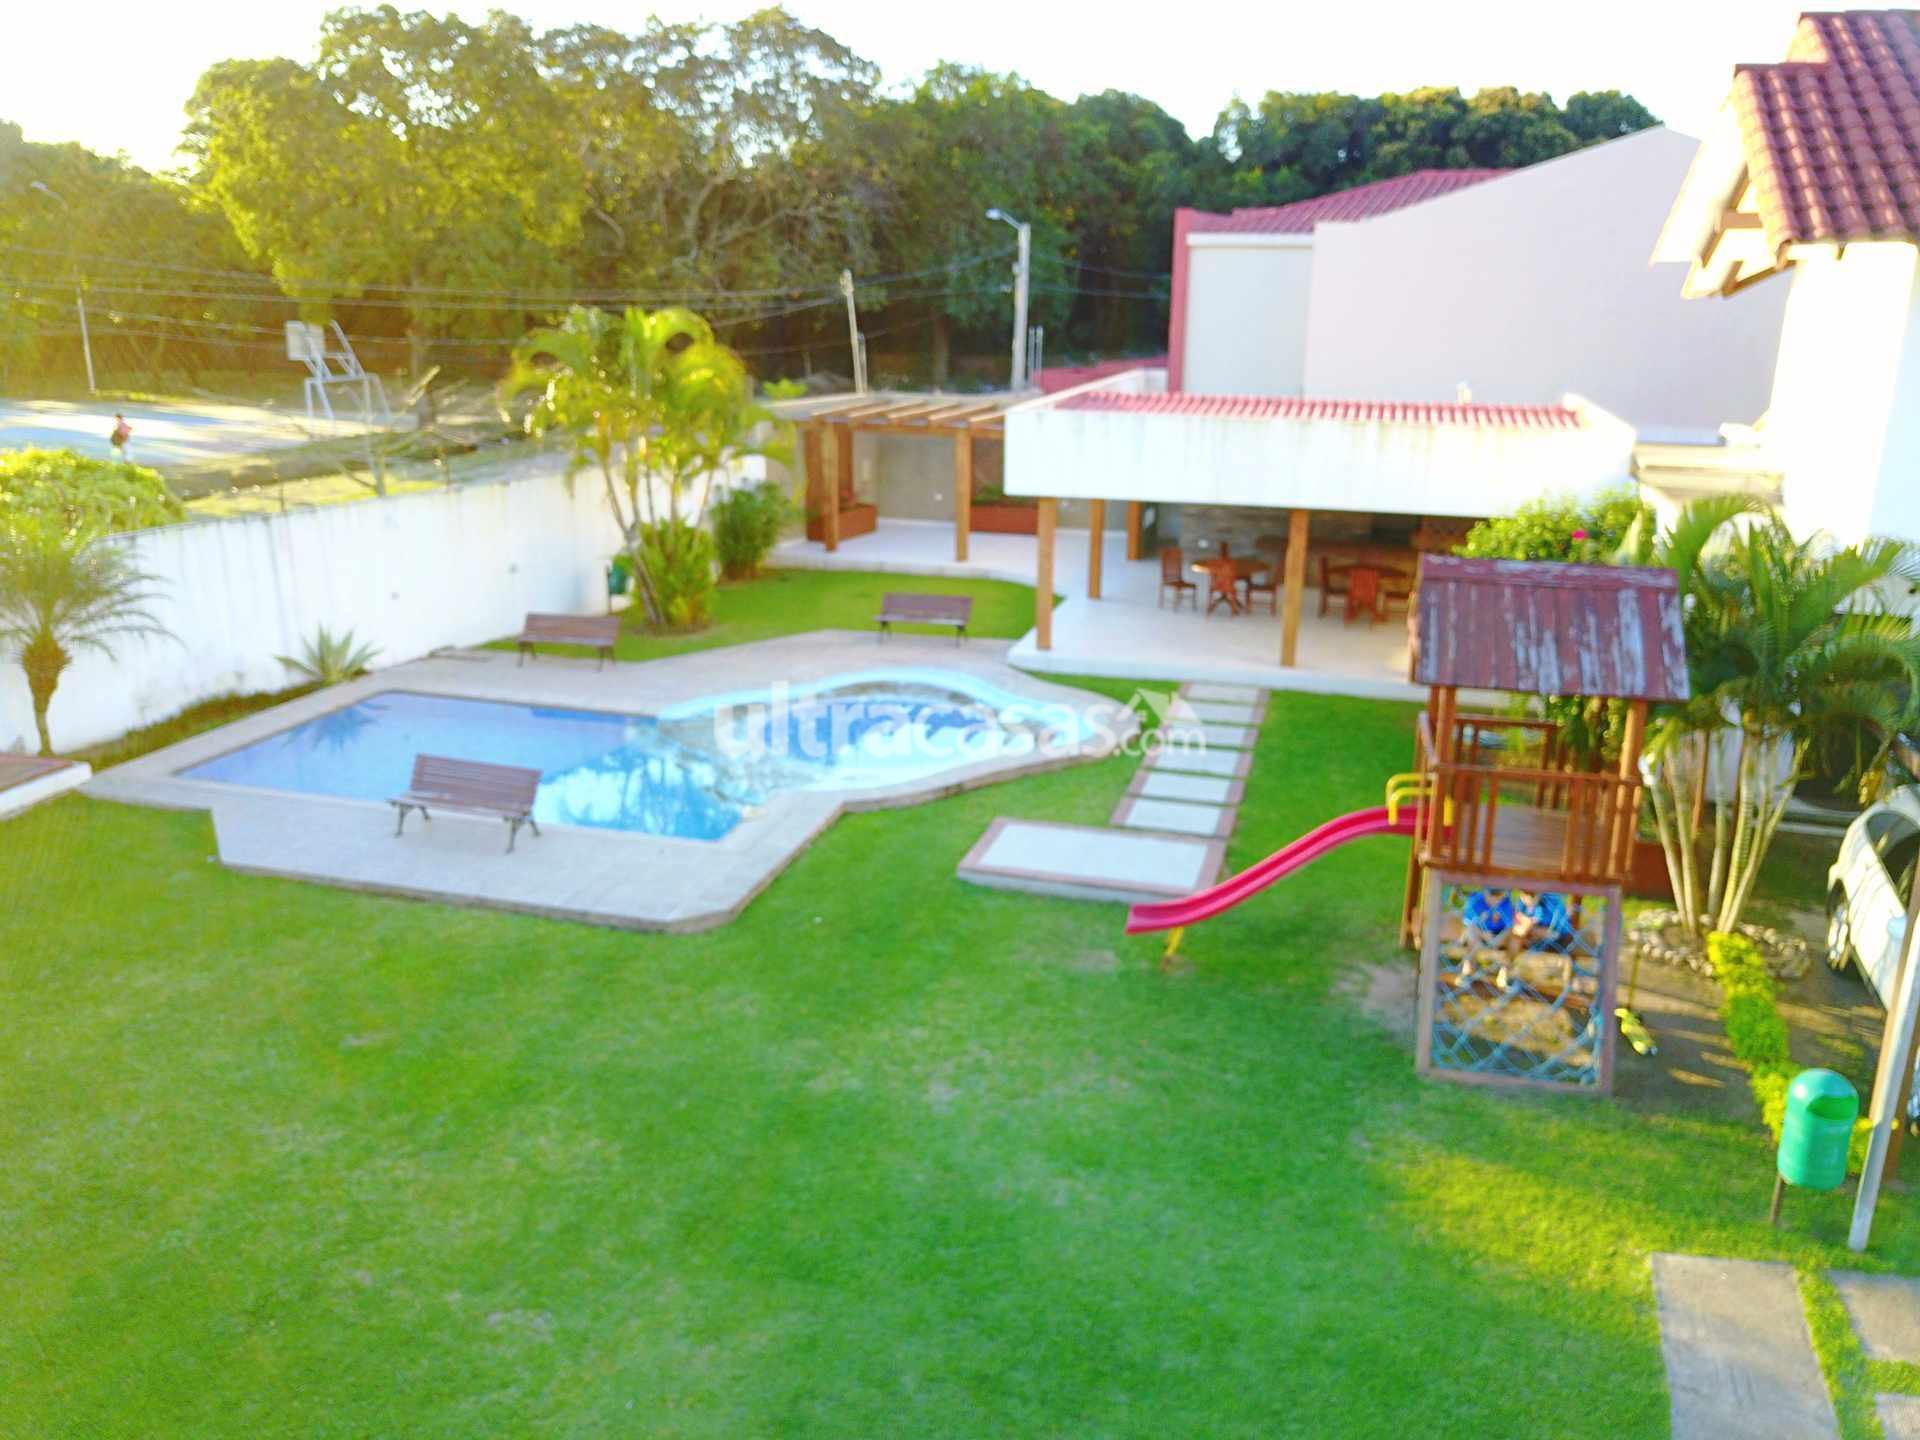 Casa en Venta 5to. Y 6to. Anillo Av. Banzer uv 69 Mz 9 Foto 23